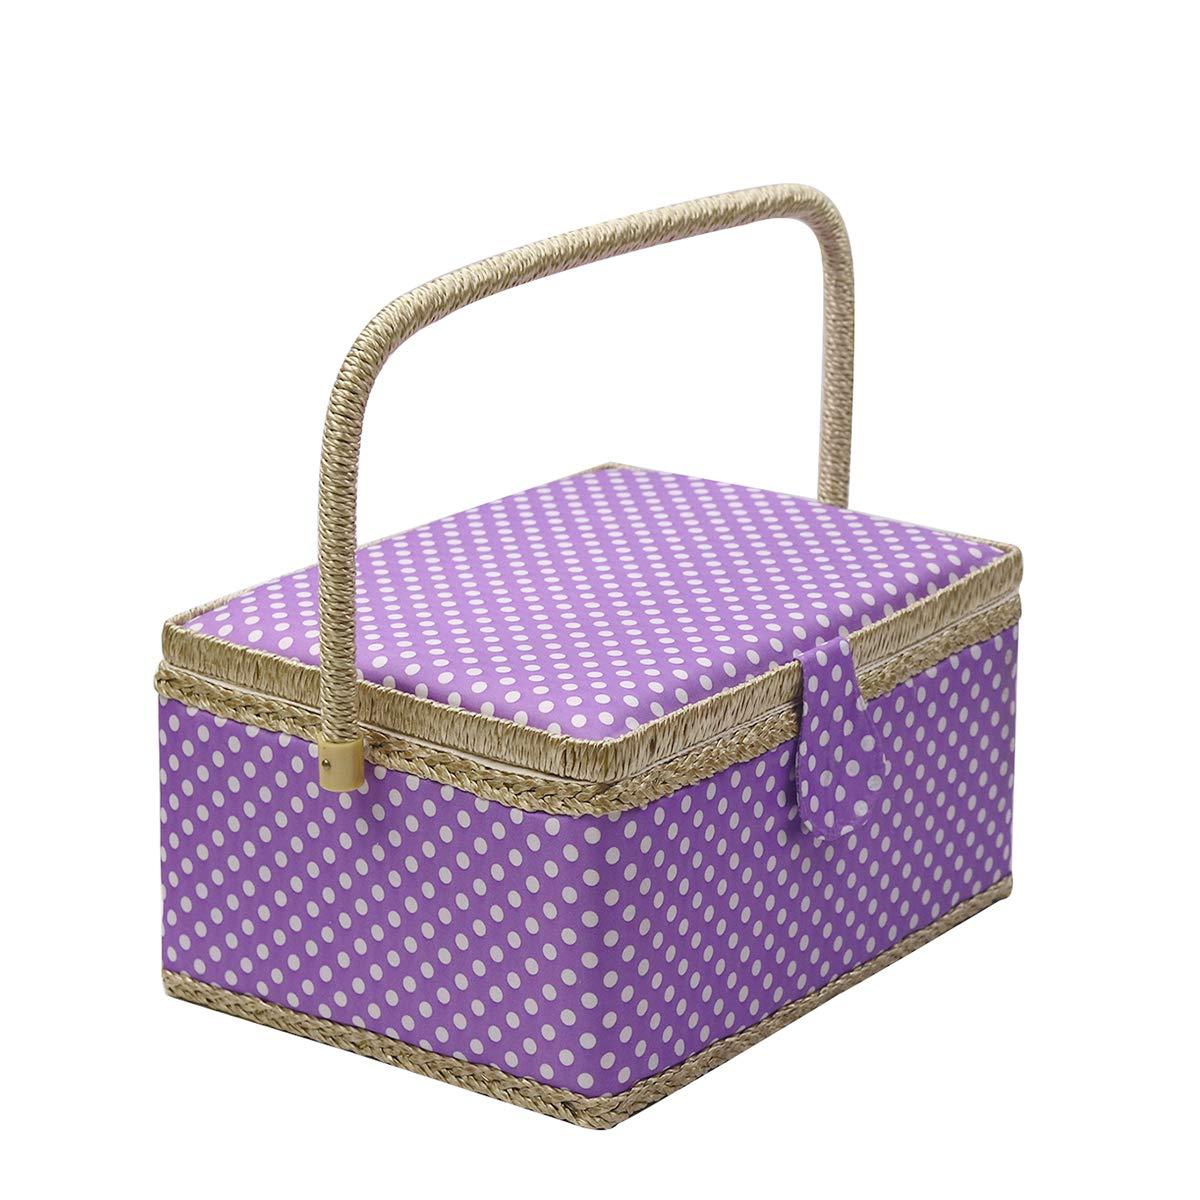 裁縫箱、ラージ、おうち、旅行用のD&D縫製バスケット - 紫色の水玉   B07D5XPSJ8